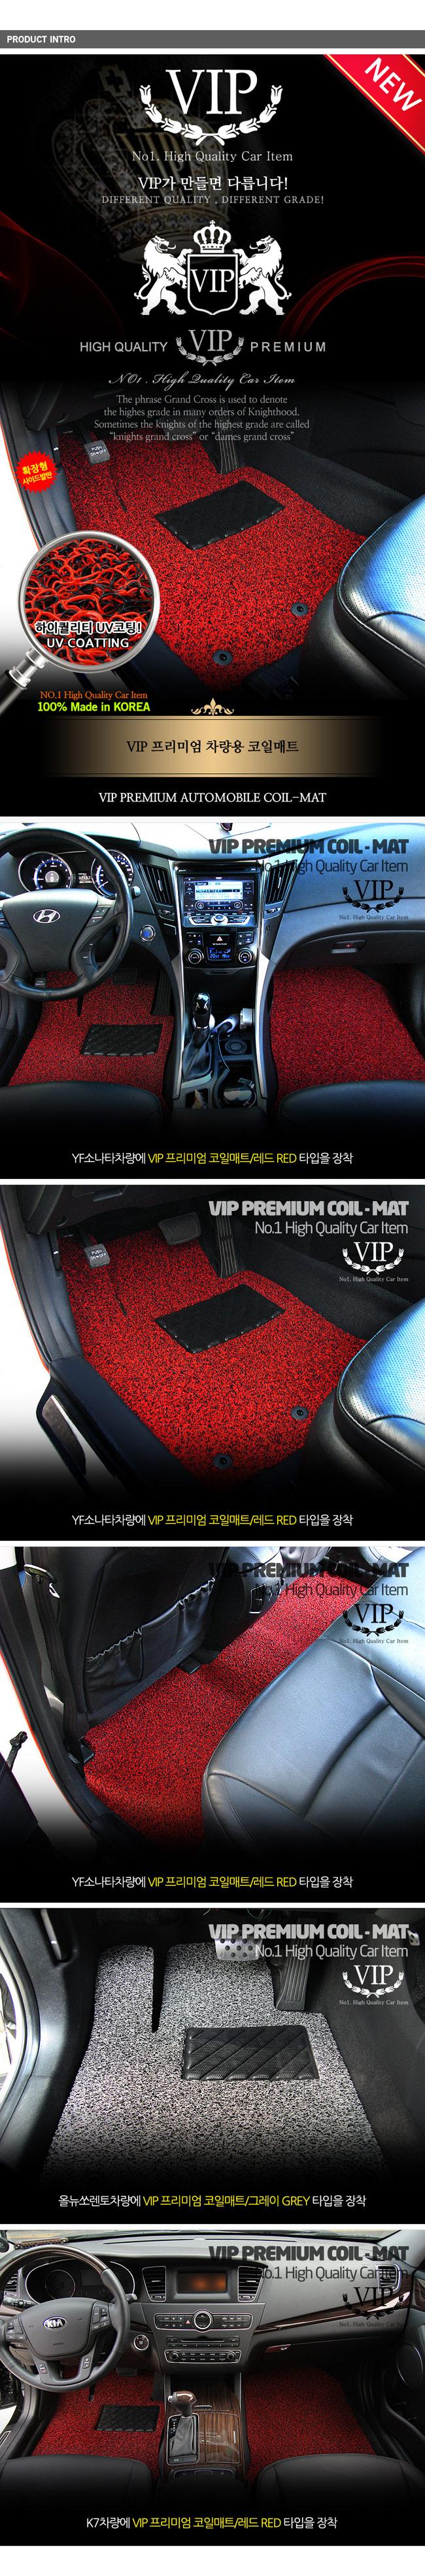 VIP 프리미엄 코일매트/사이드 발판포함 두께와 중량의 프리미엄 확장형 한대분